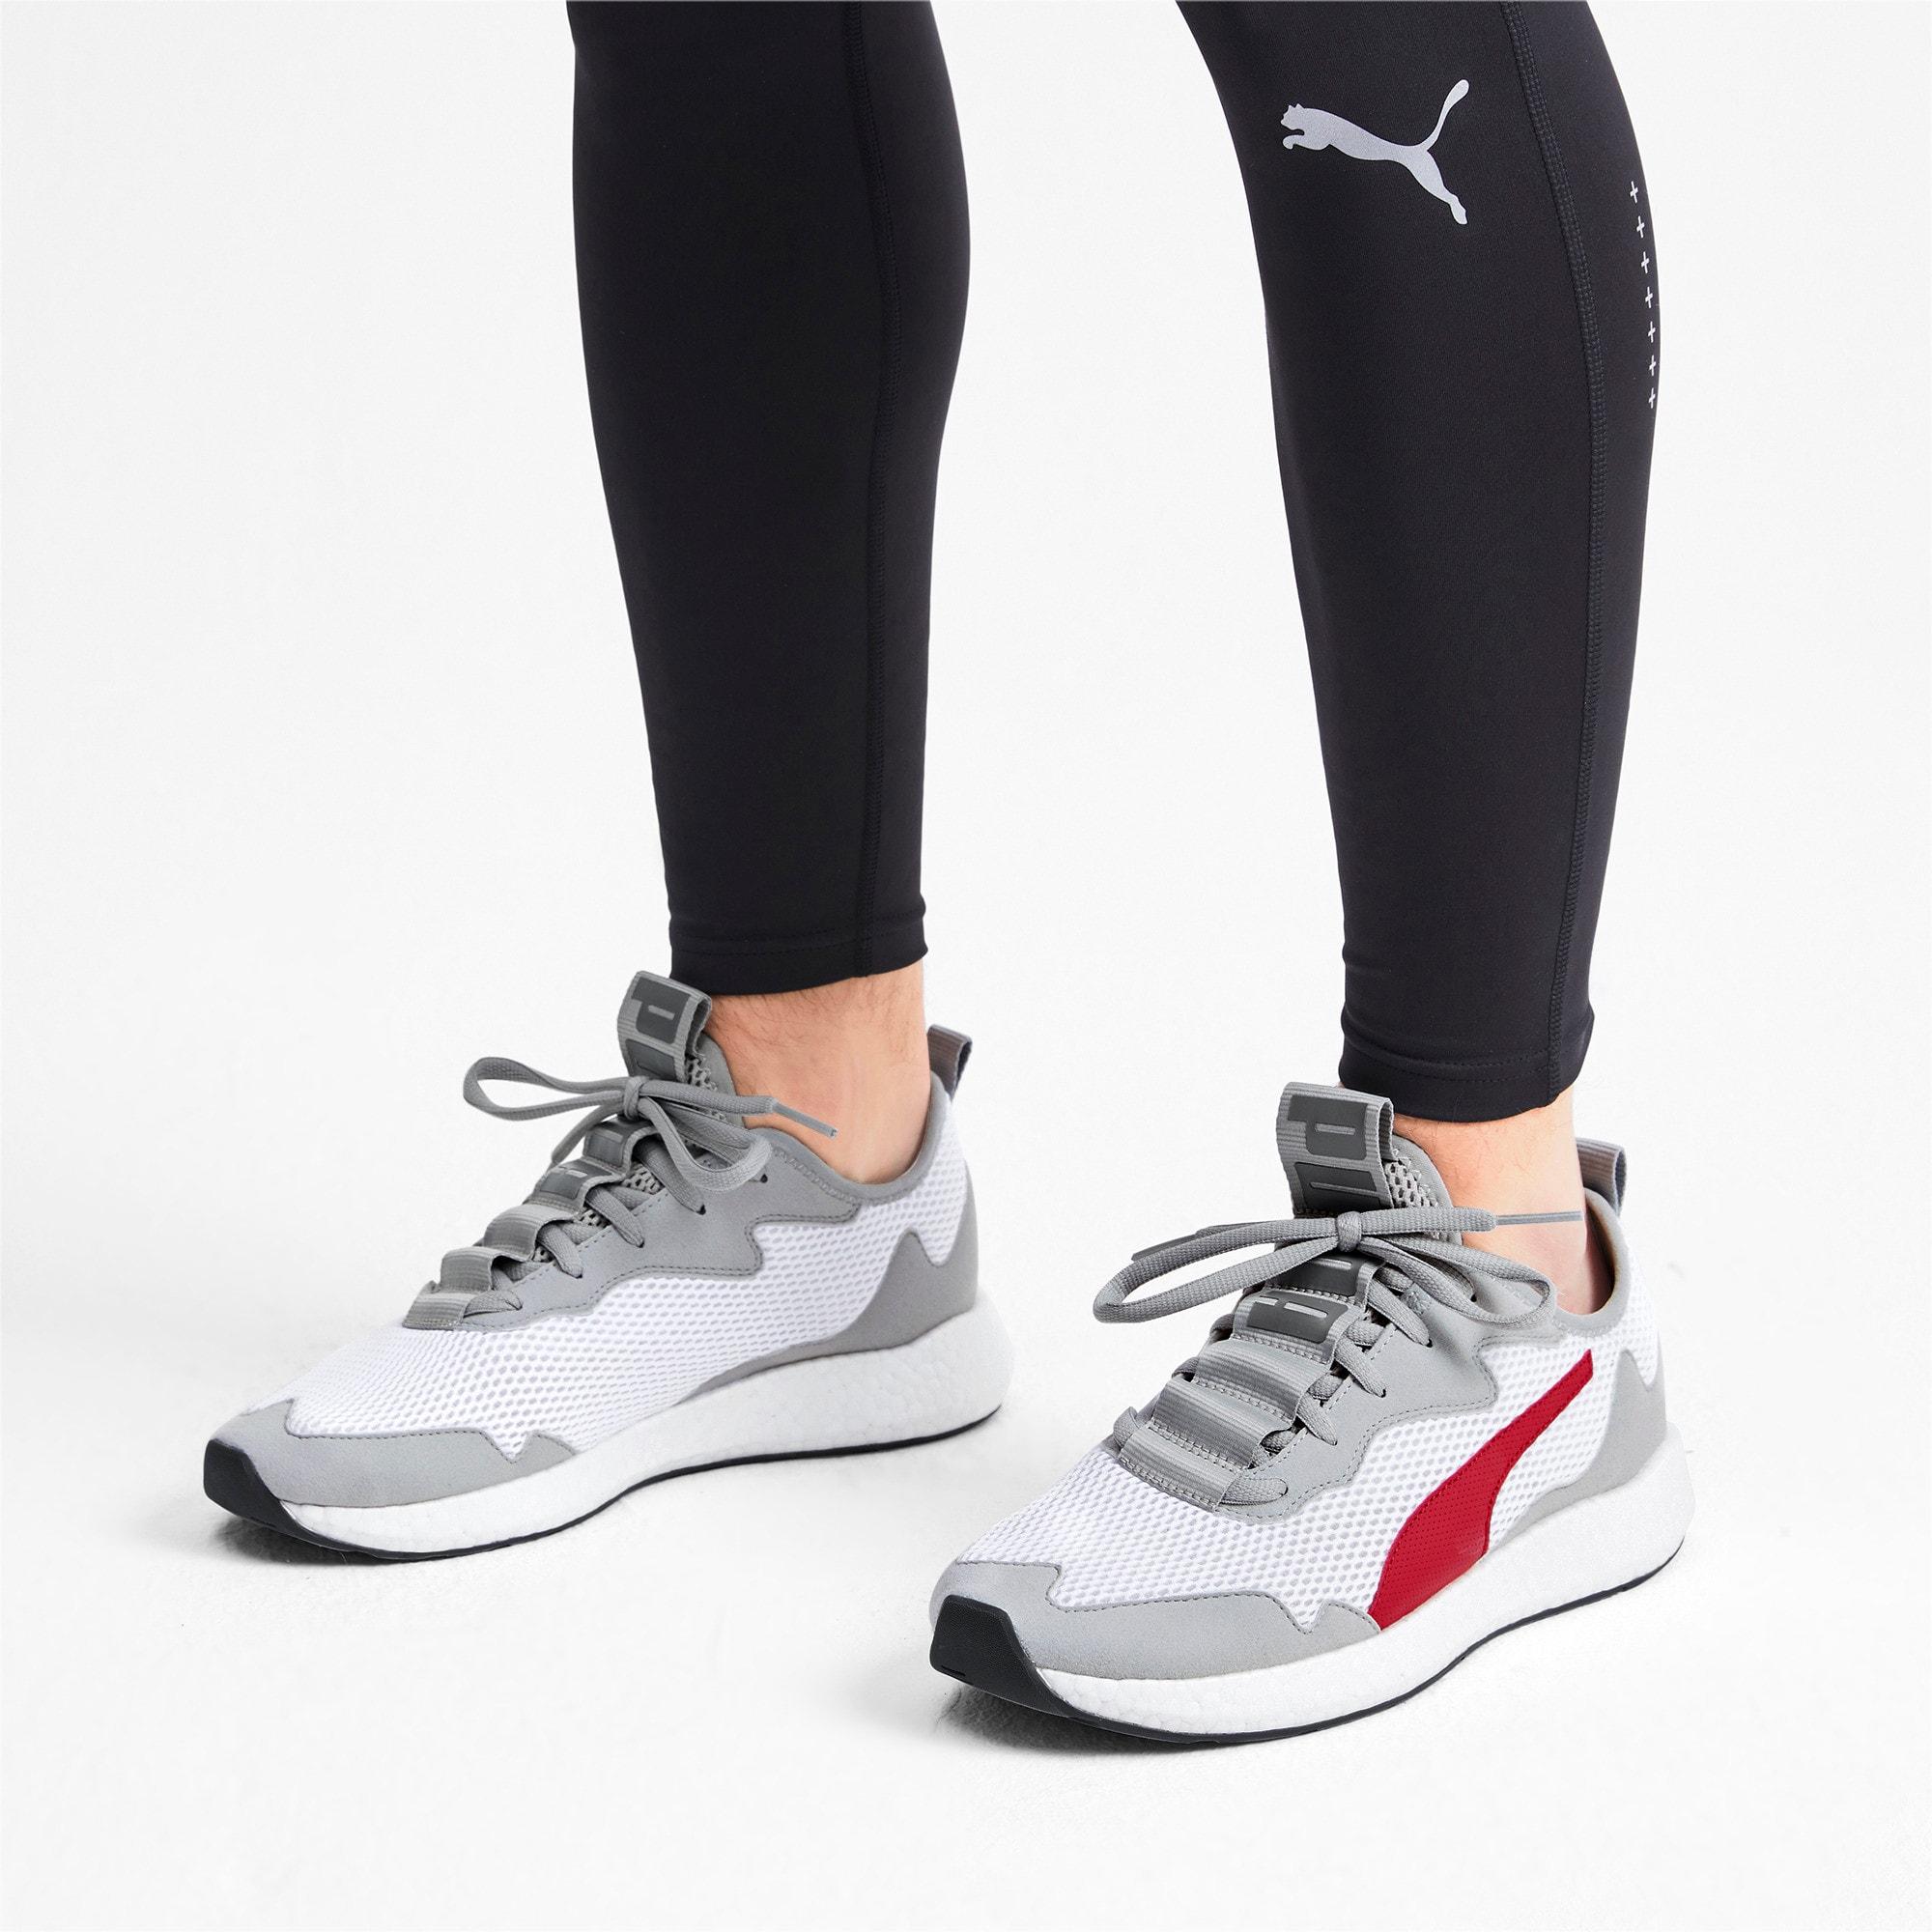 Thumbnail 3 of NRGY Neko Skim Men's Running Shoes, High Rise-High Risk Red, medium